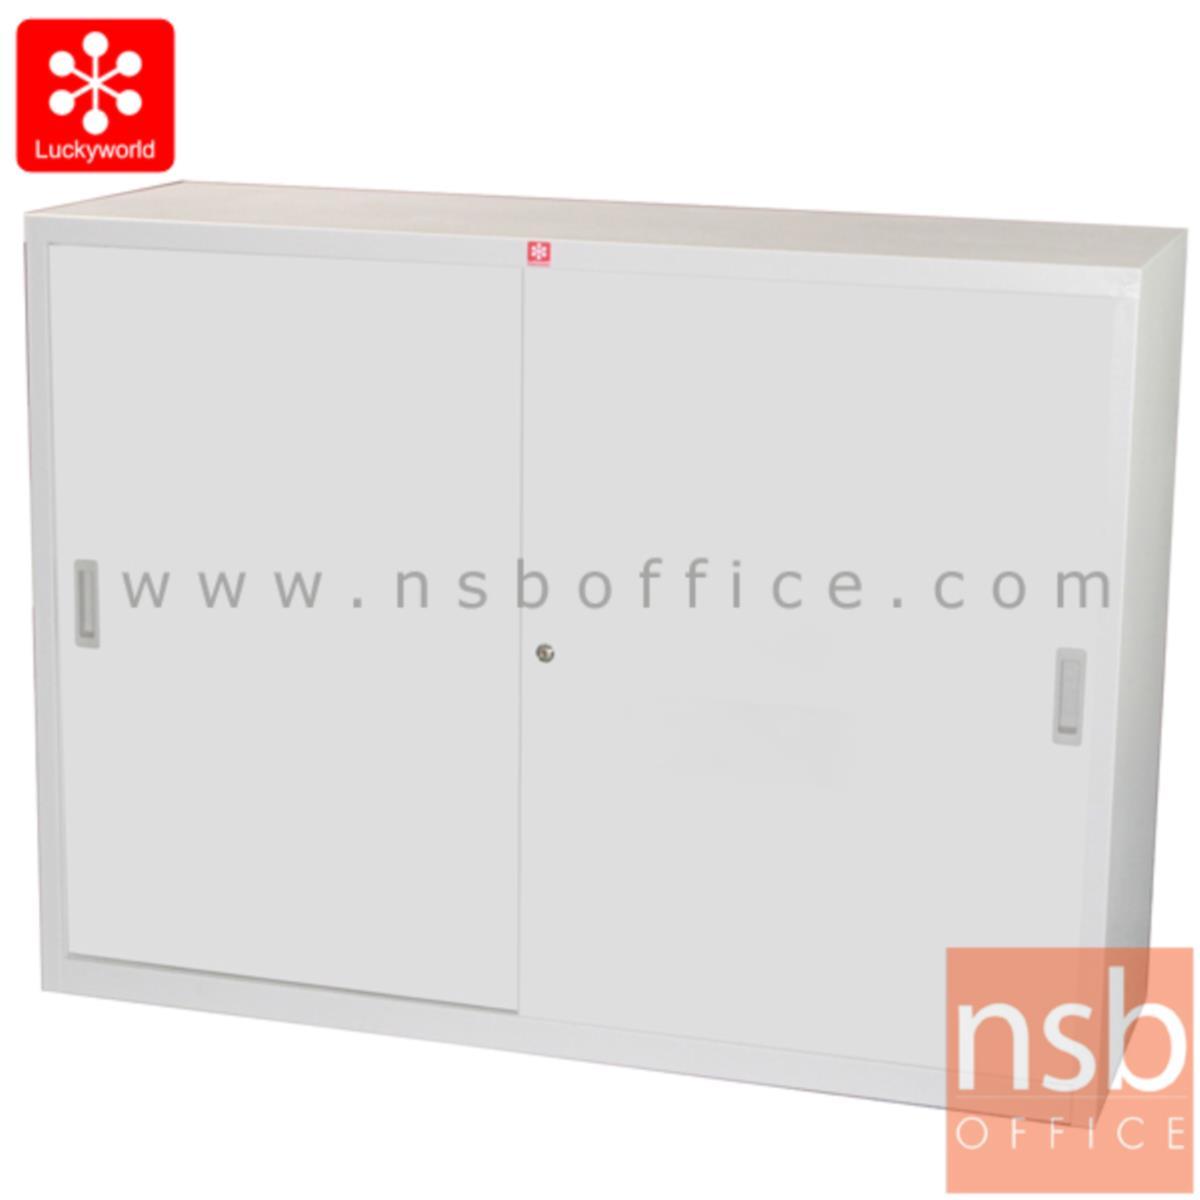 ตู้เหล็ก 2 บานเลื่อนทึบเตี้ย   รุ่น KSS-90,KSS-120,KSS-150 (3, 4 และ 5 ฟุต)